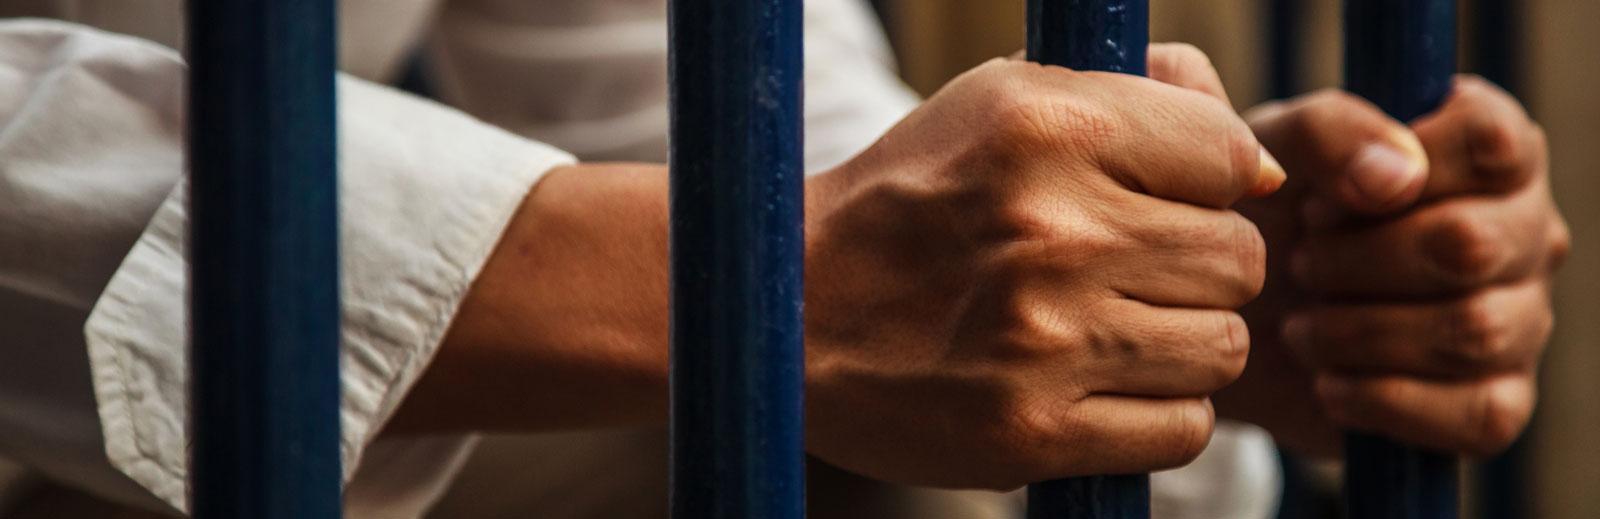 man in jail behind bars